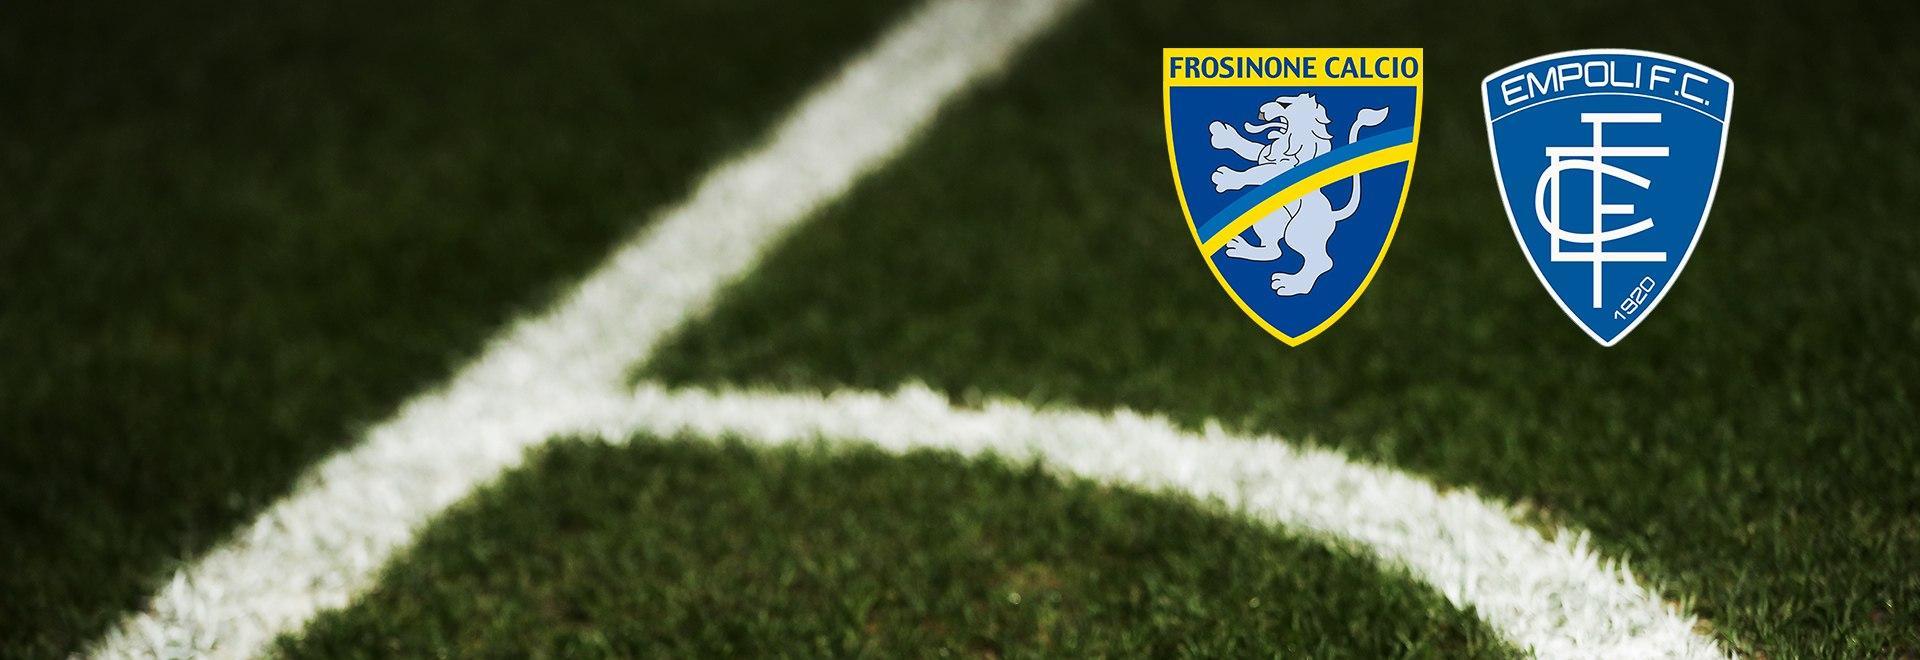 Frosinone - Empoli. 14a g.